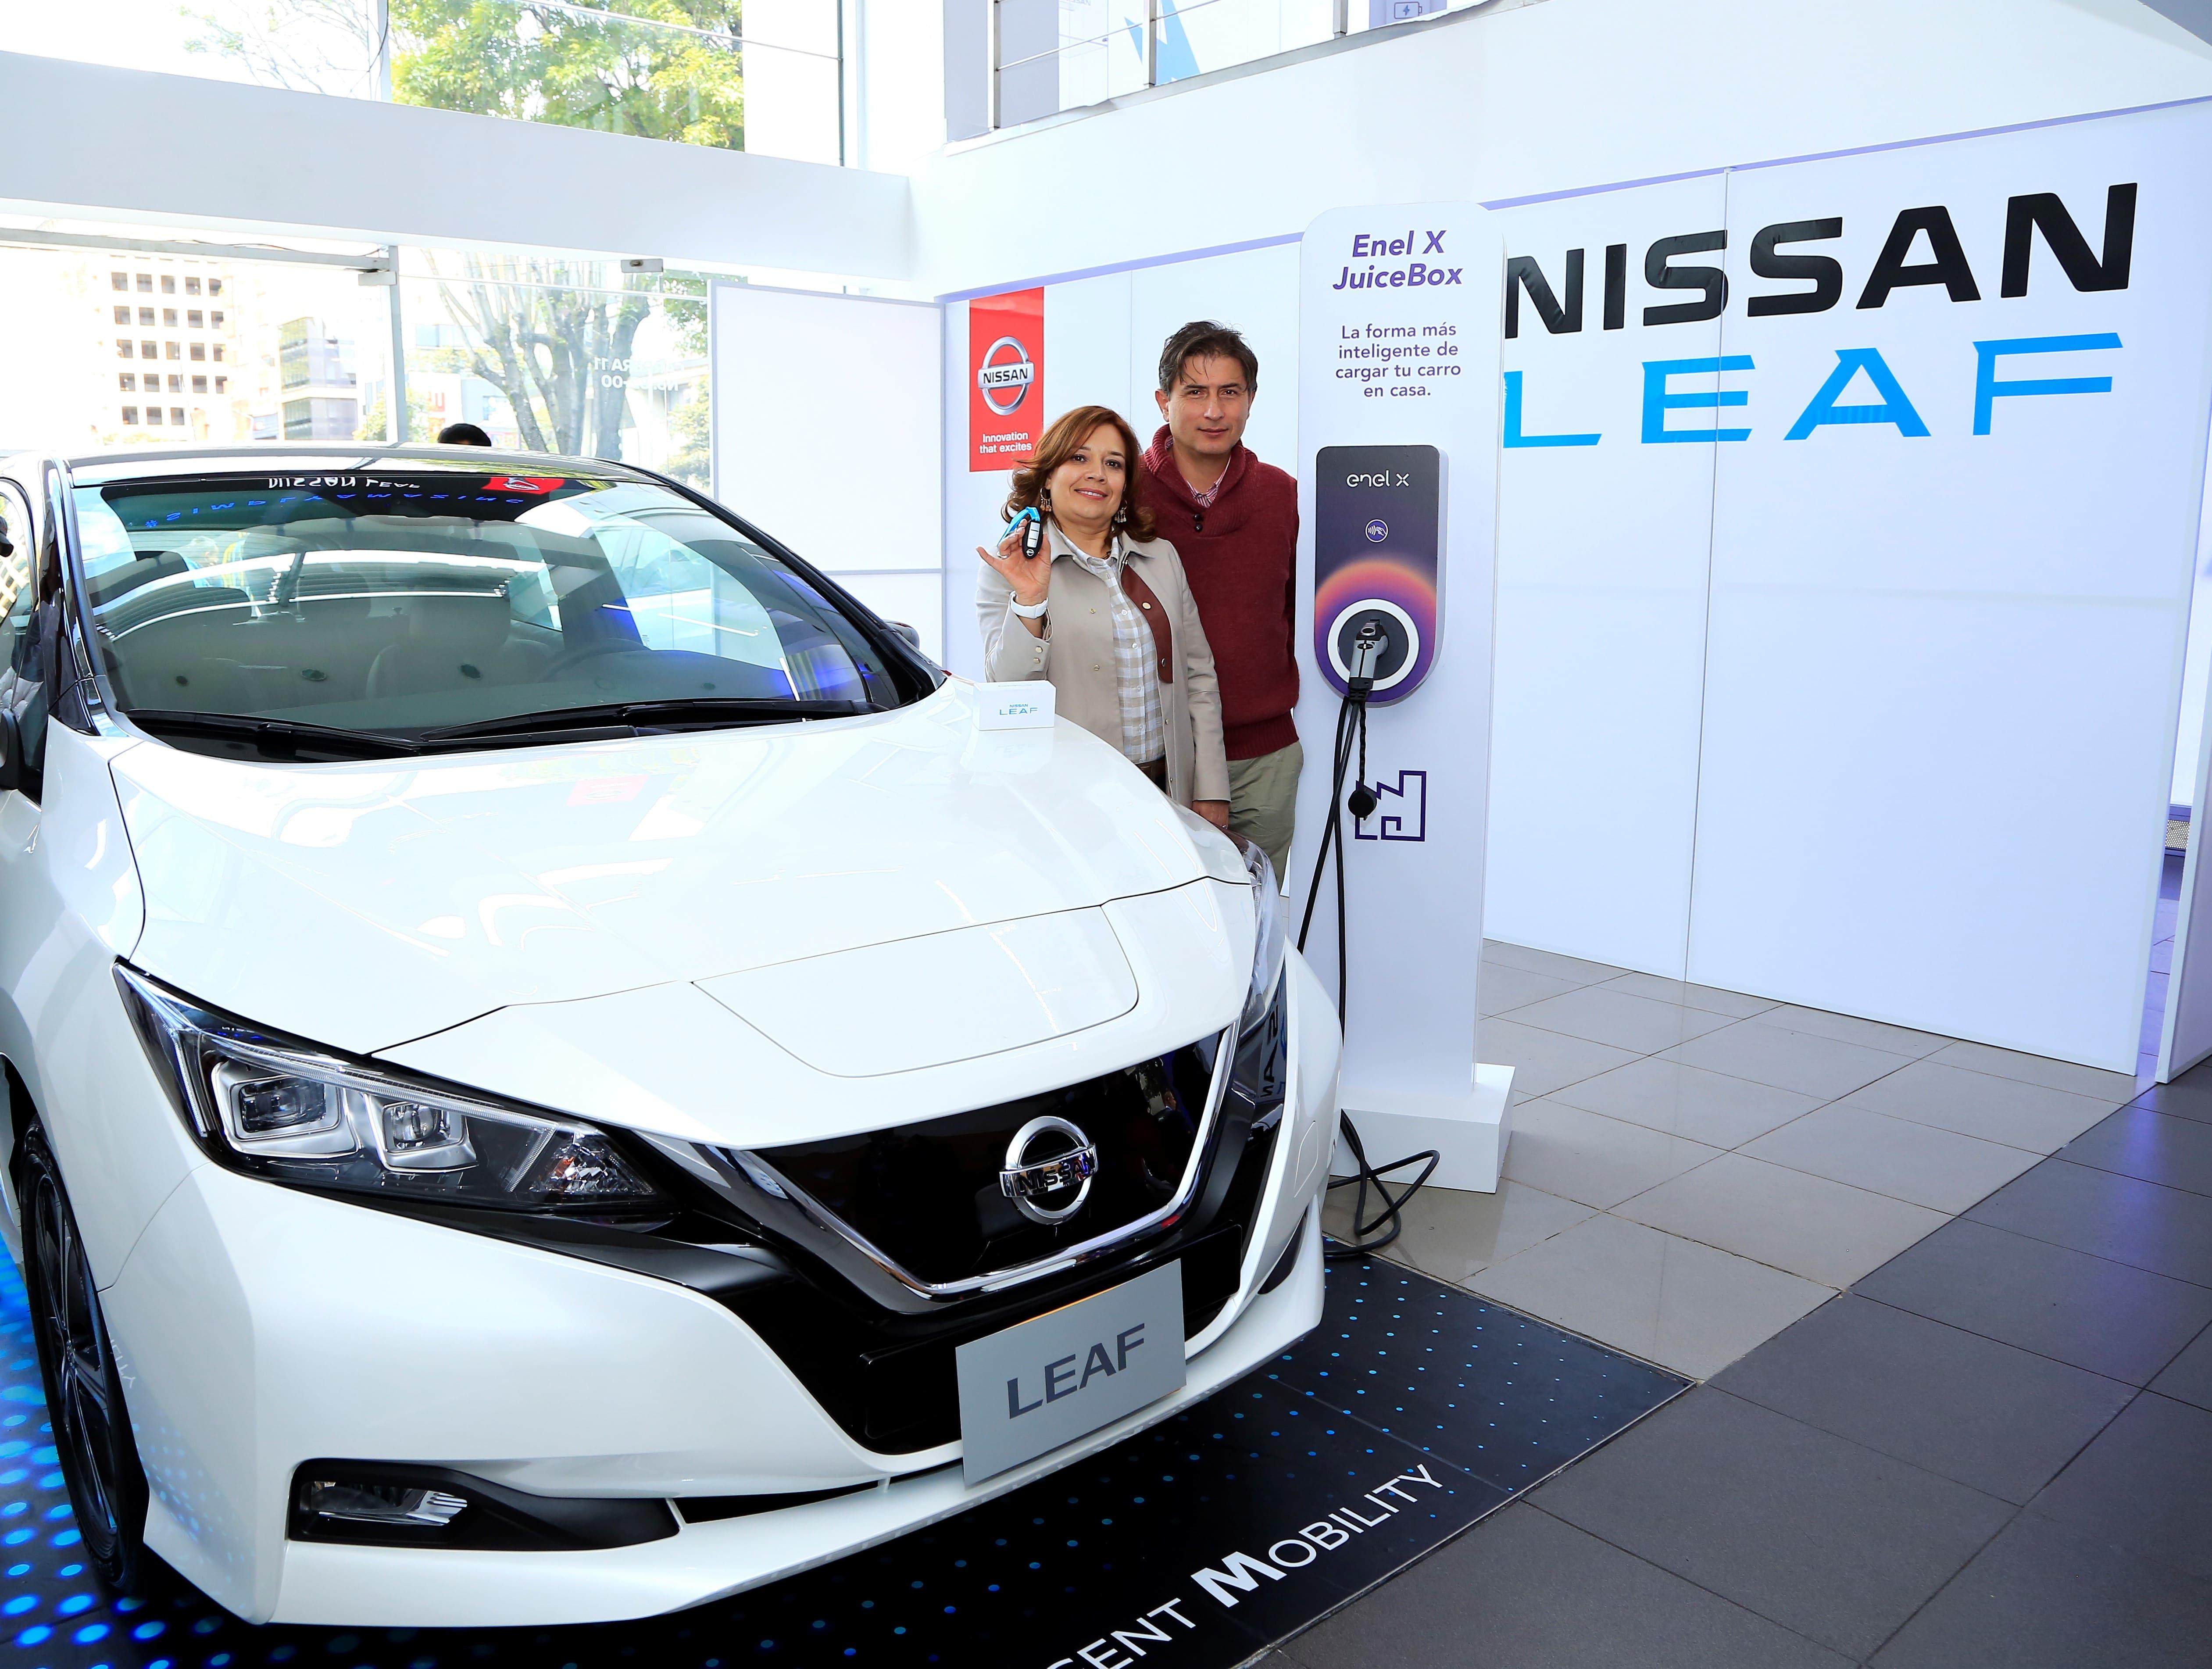 Nissan leaf 2019 precio colombia